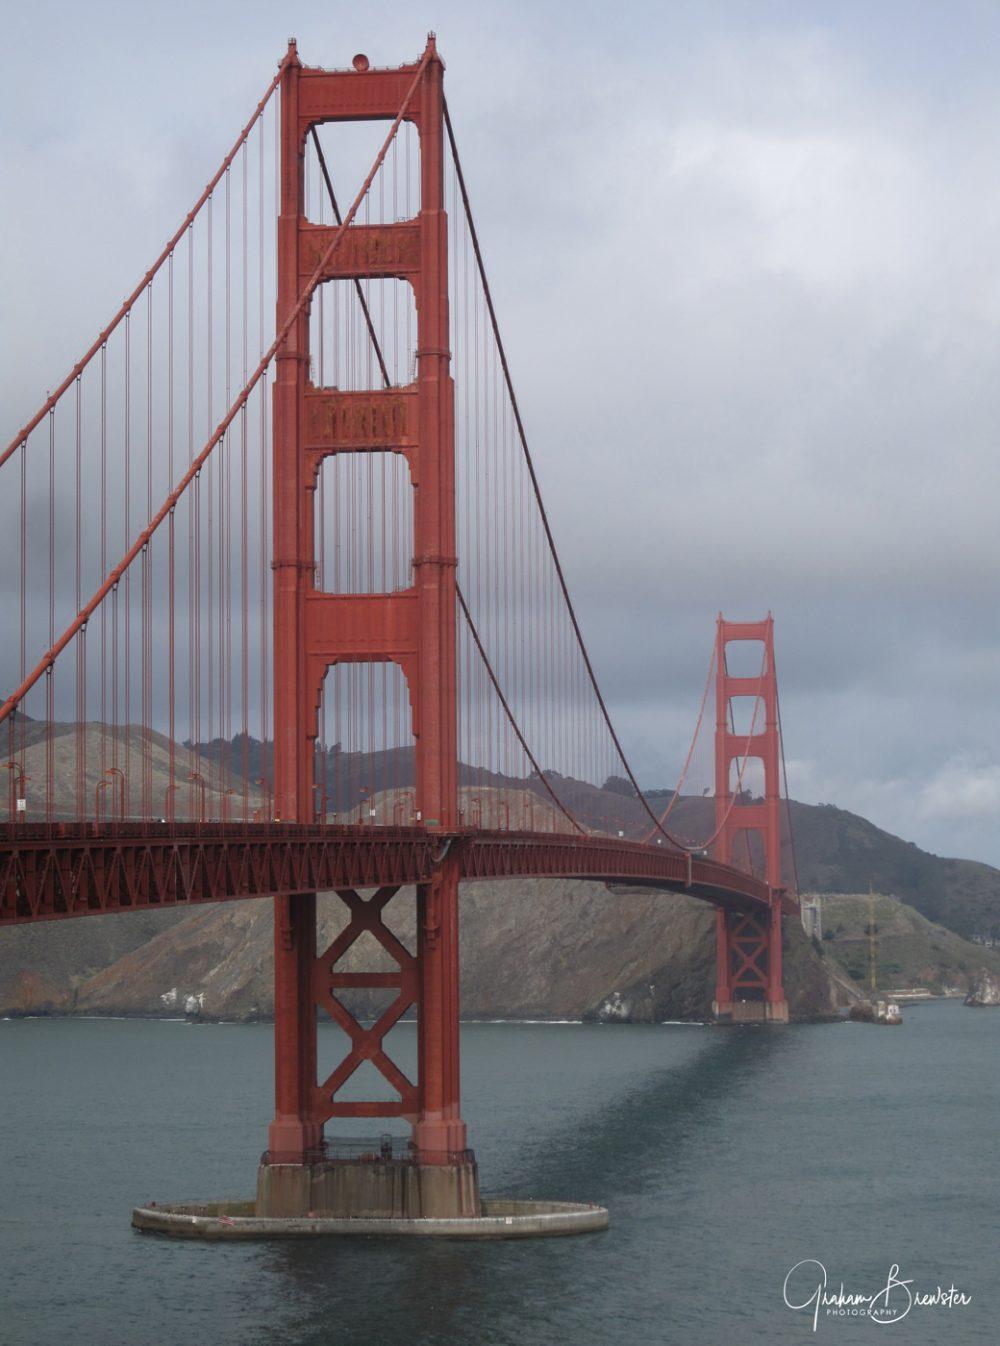 Graham Brewster Photography - San Francisco Photography Prints - Sausalito Awaits